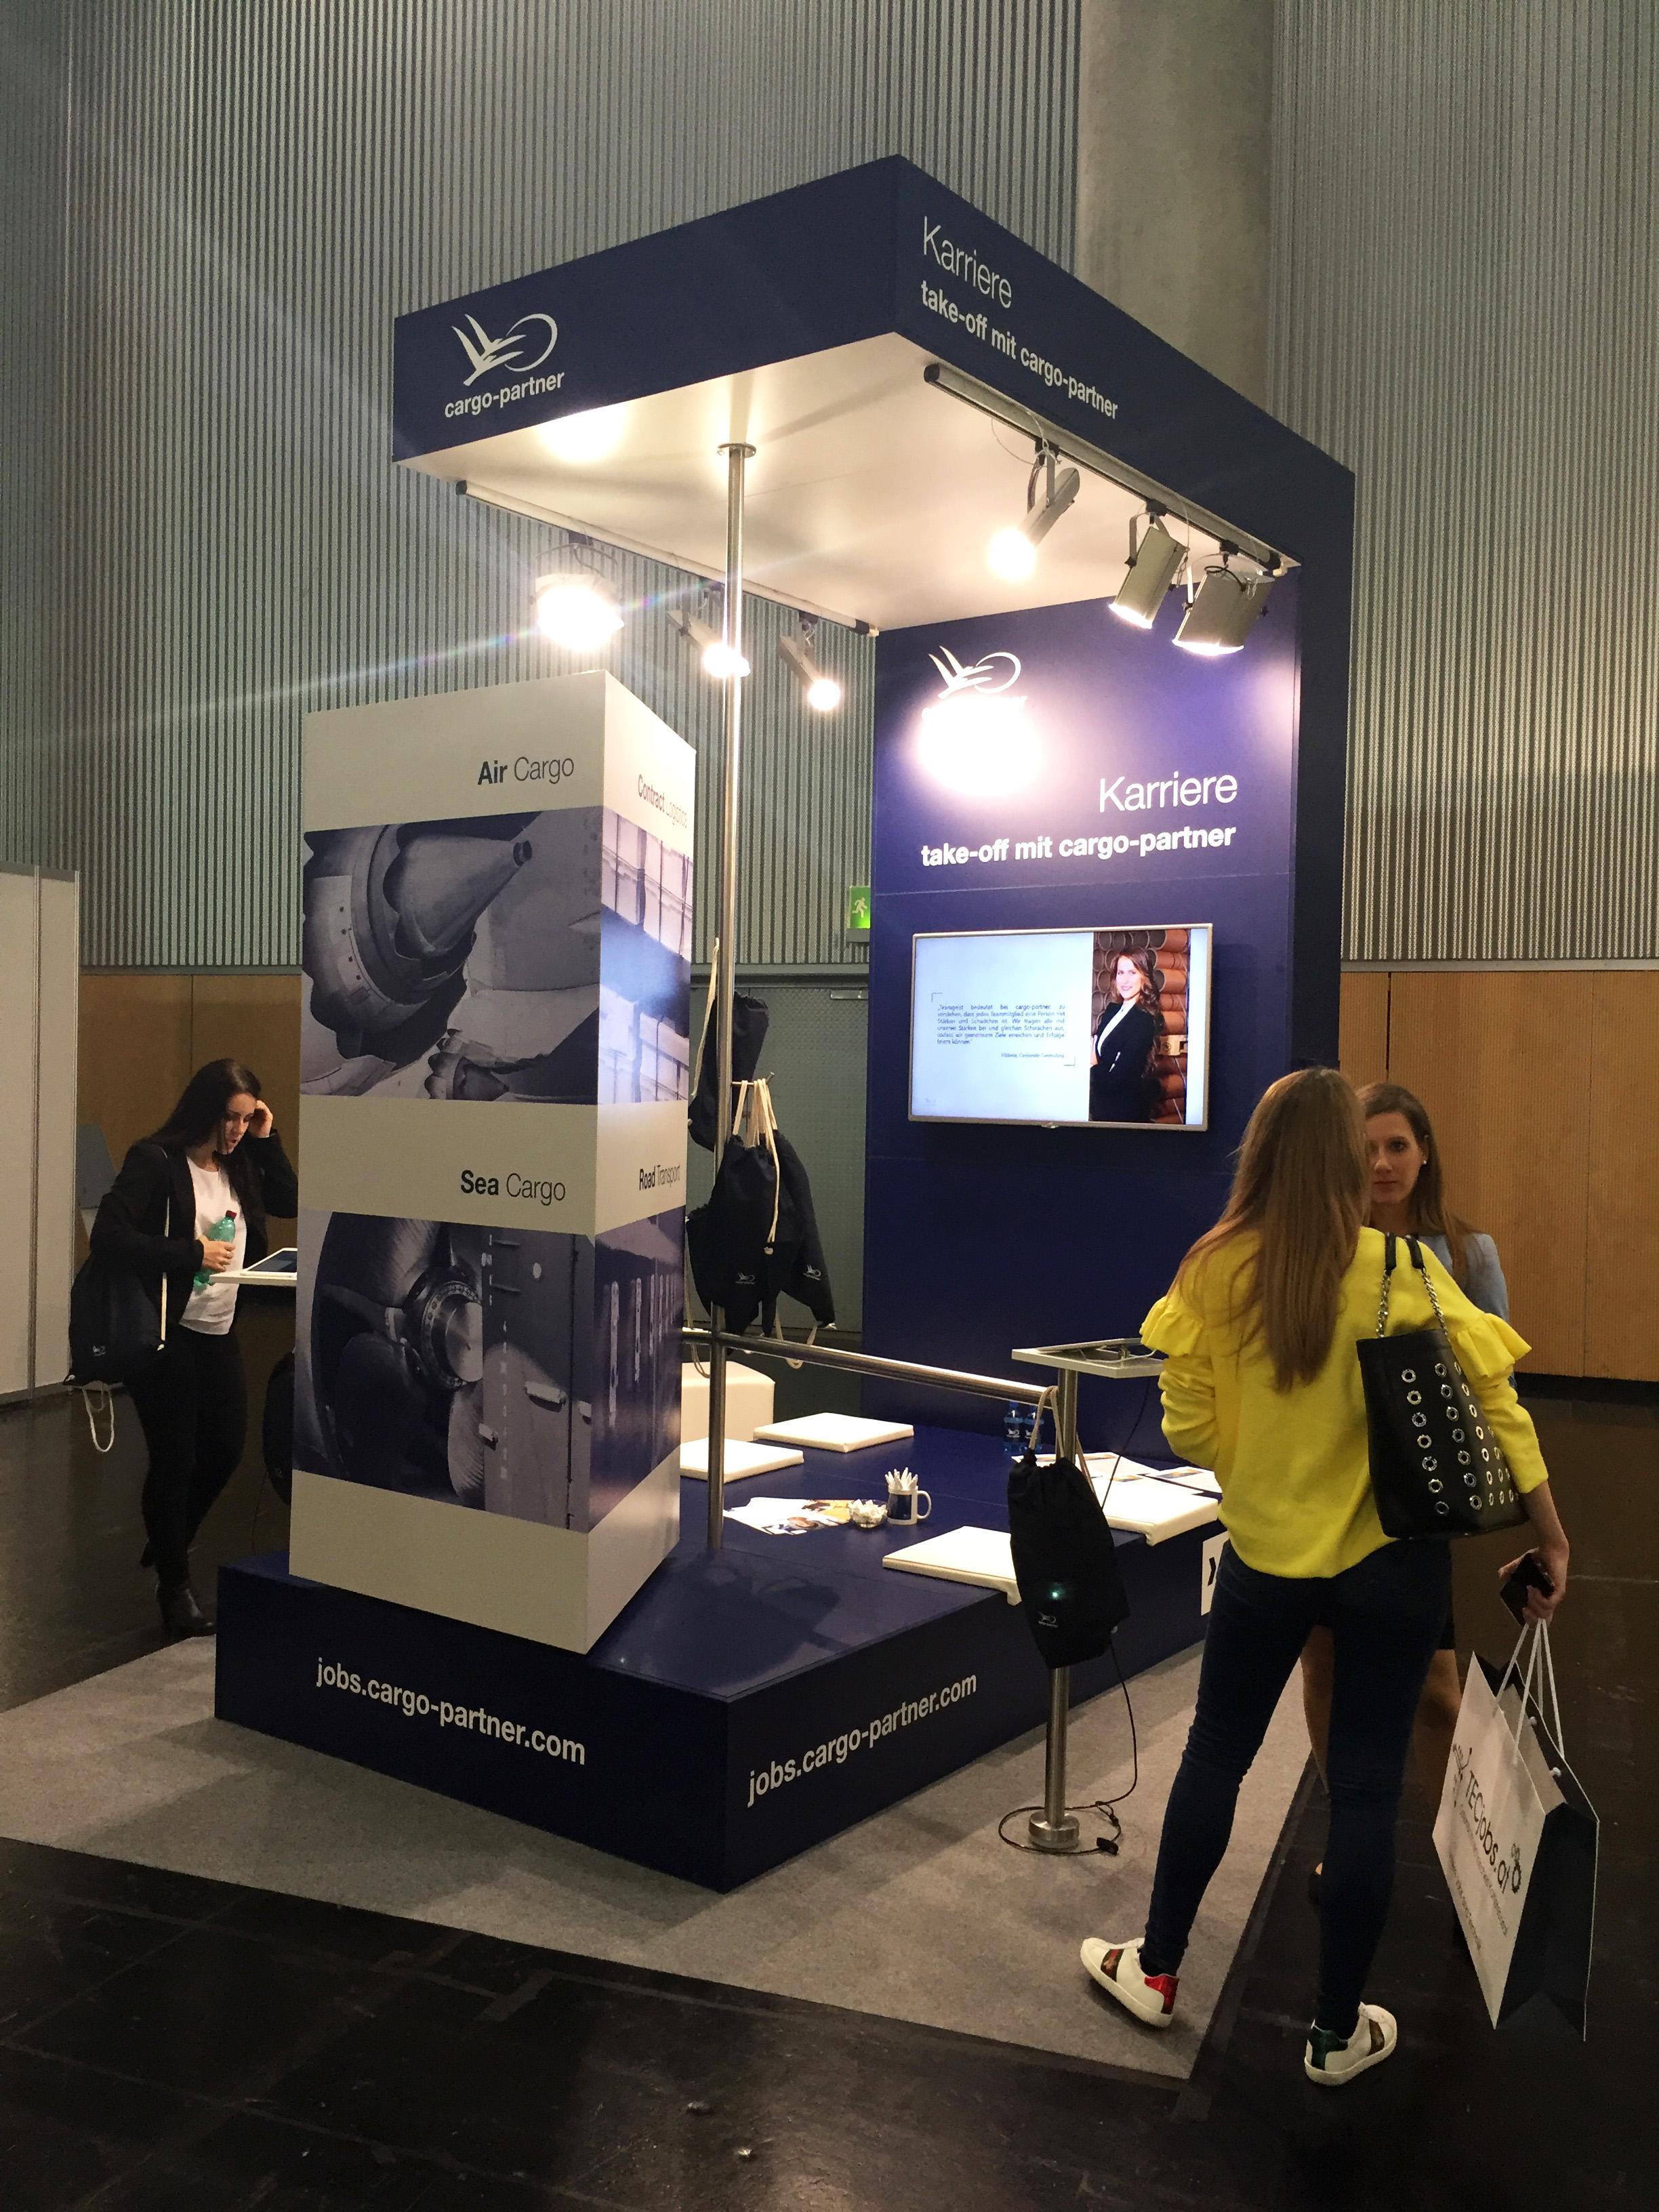 cargo-partner na největším rakouském veletrhu pracovních příležitostí